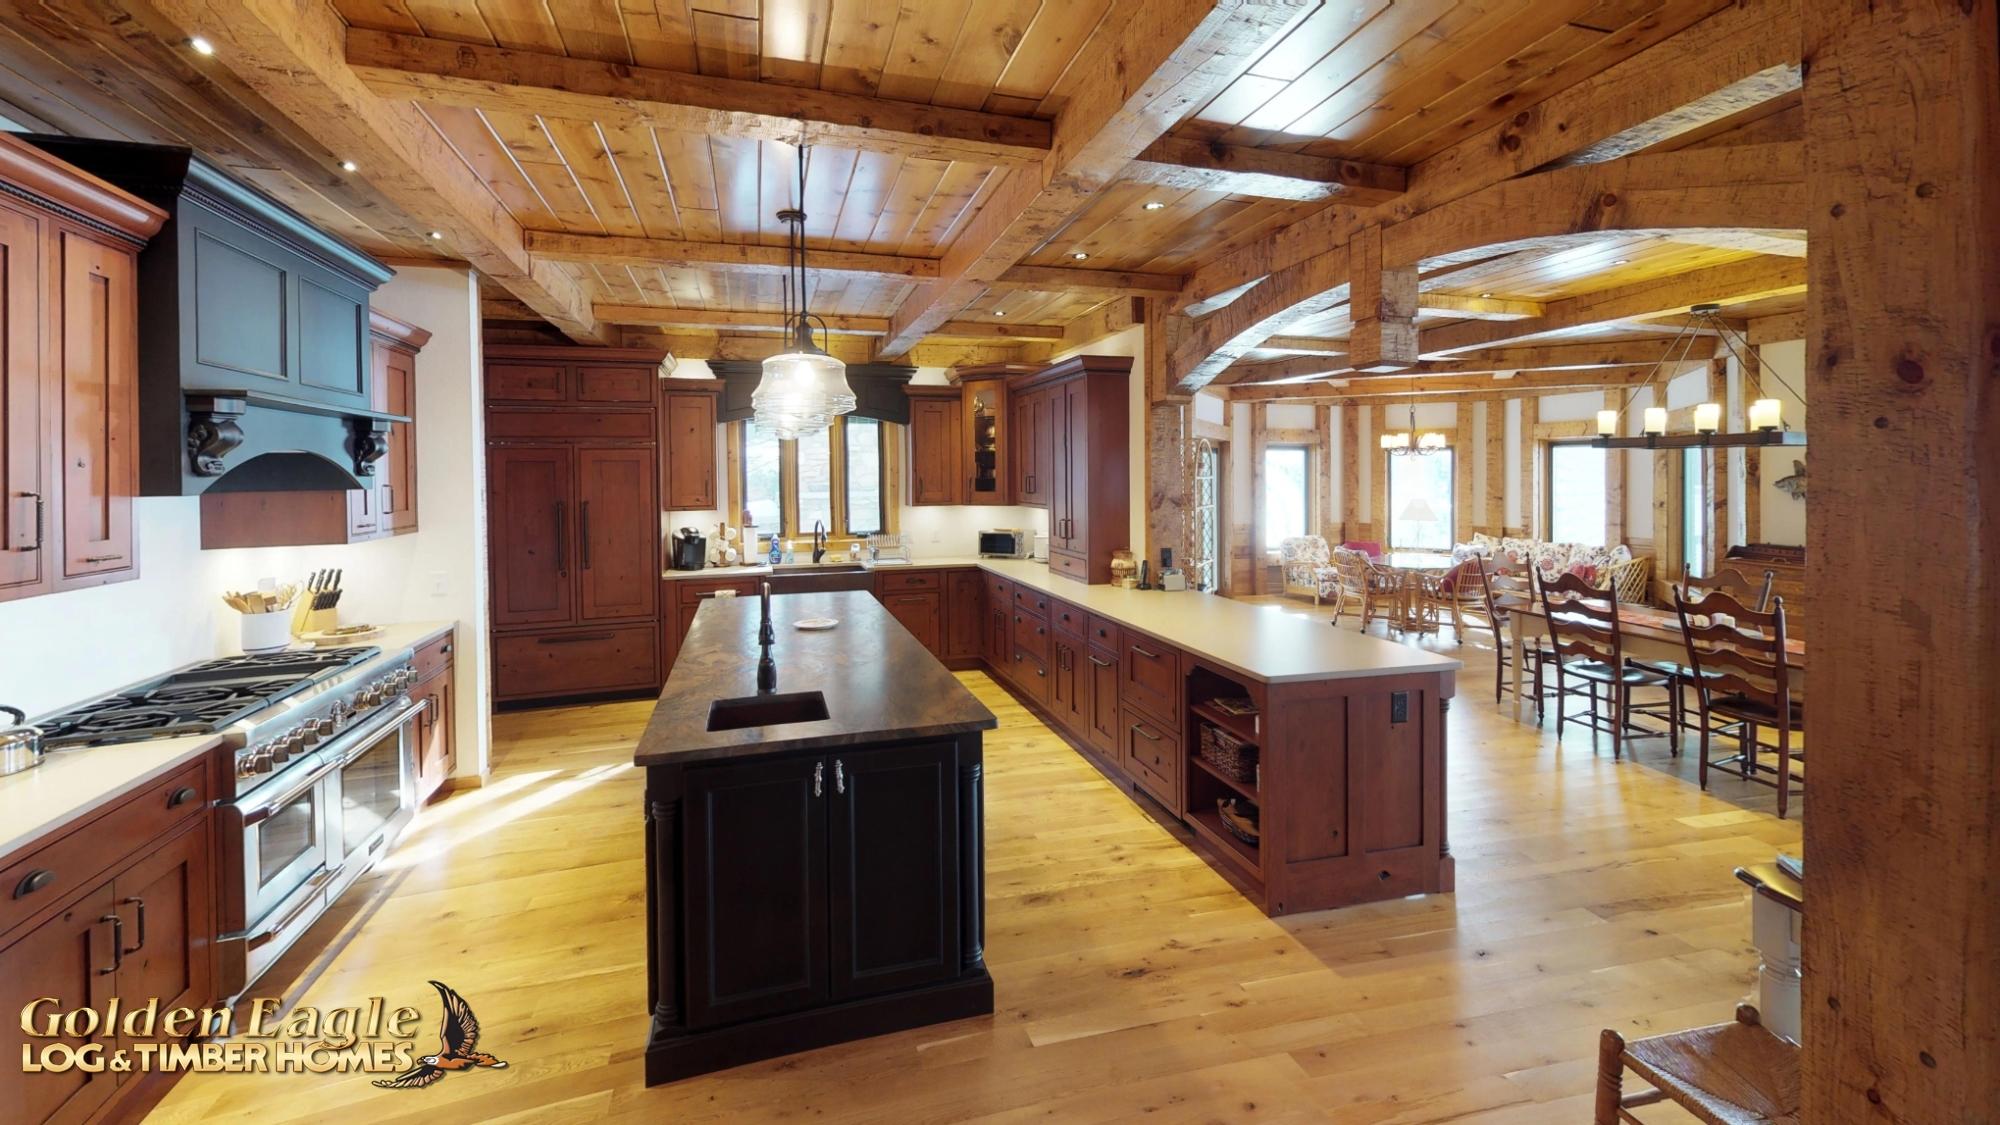 Golden Eagle Log and Timber Homes - Exposed Beam Timber ... on sawn timber, rough timber, oak timber, hand hewed timber, douglas fir timber, reclaimed timber, wood timber, walnut timber,